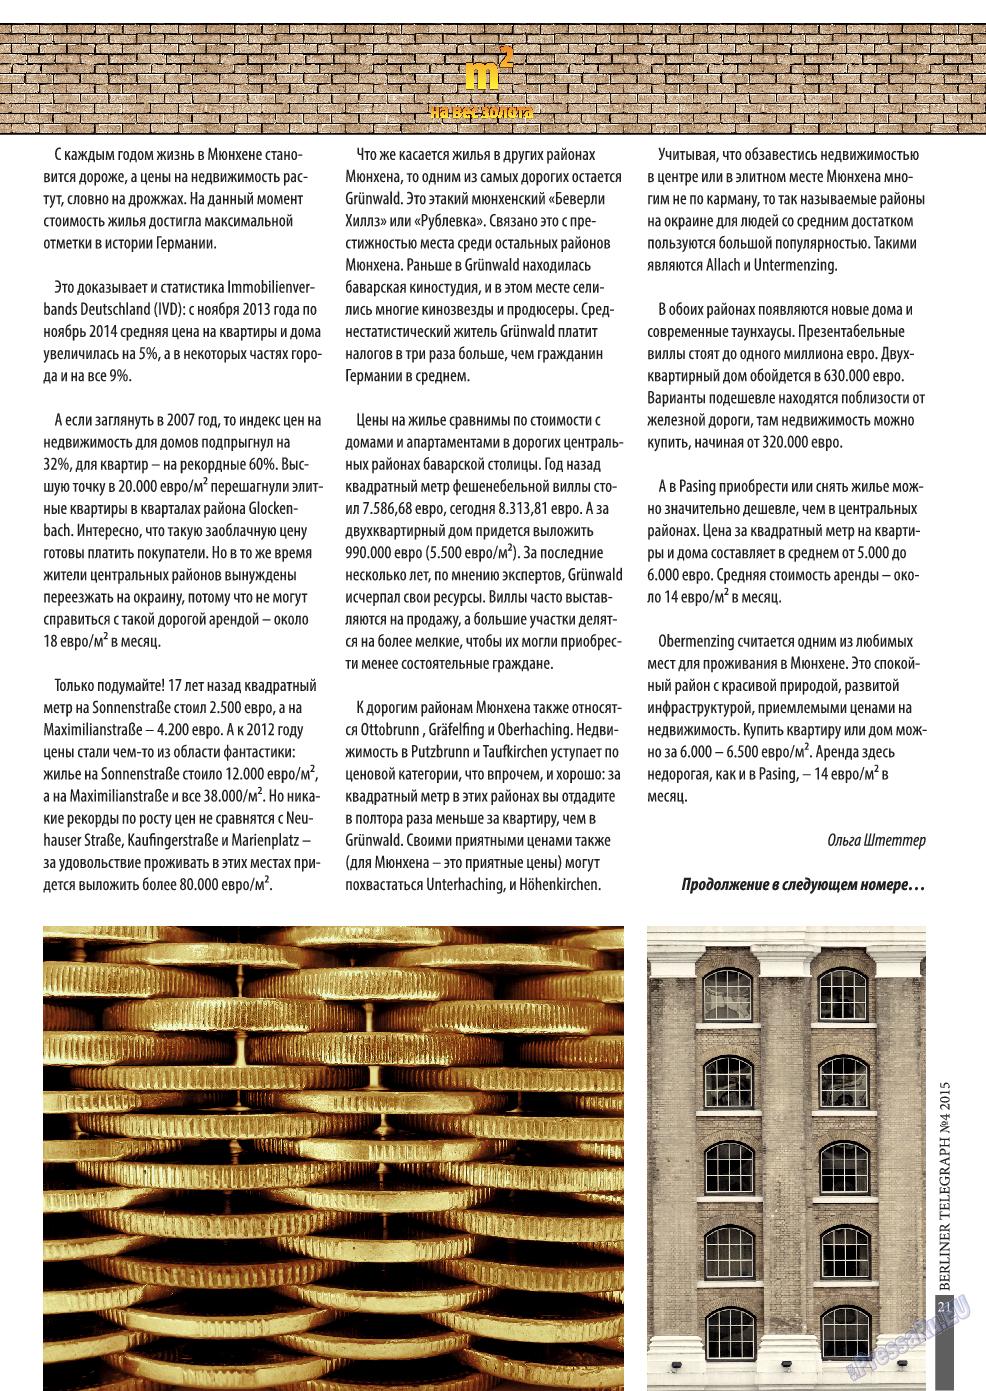 Берлинский телеграф (журнал). 2015 год, номер 4, стр. 21